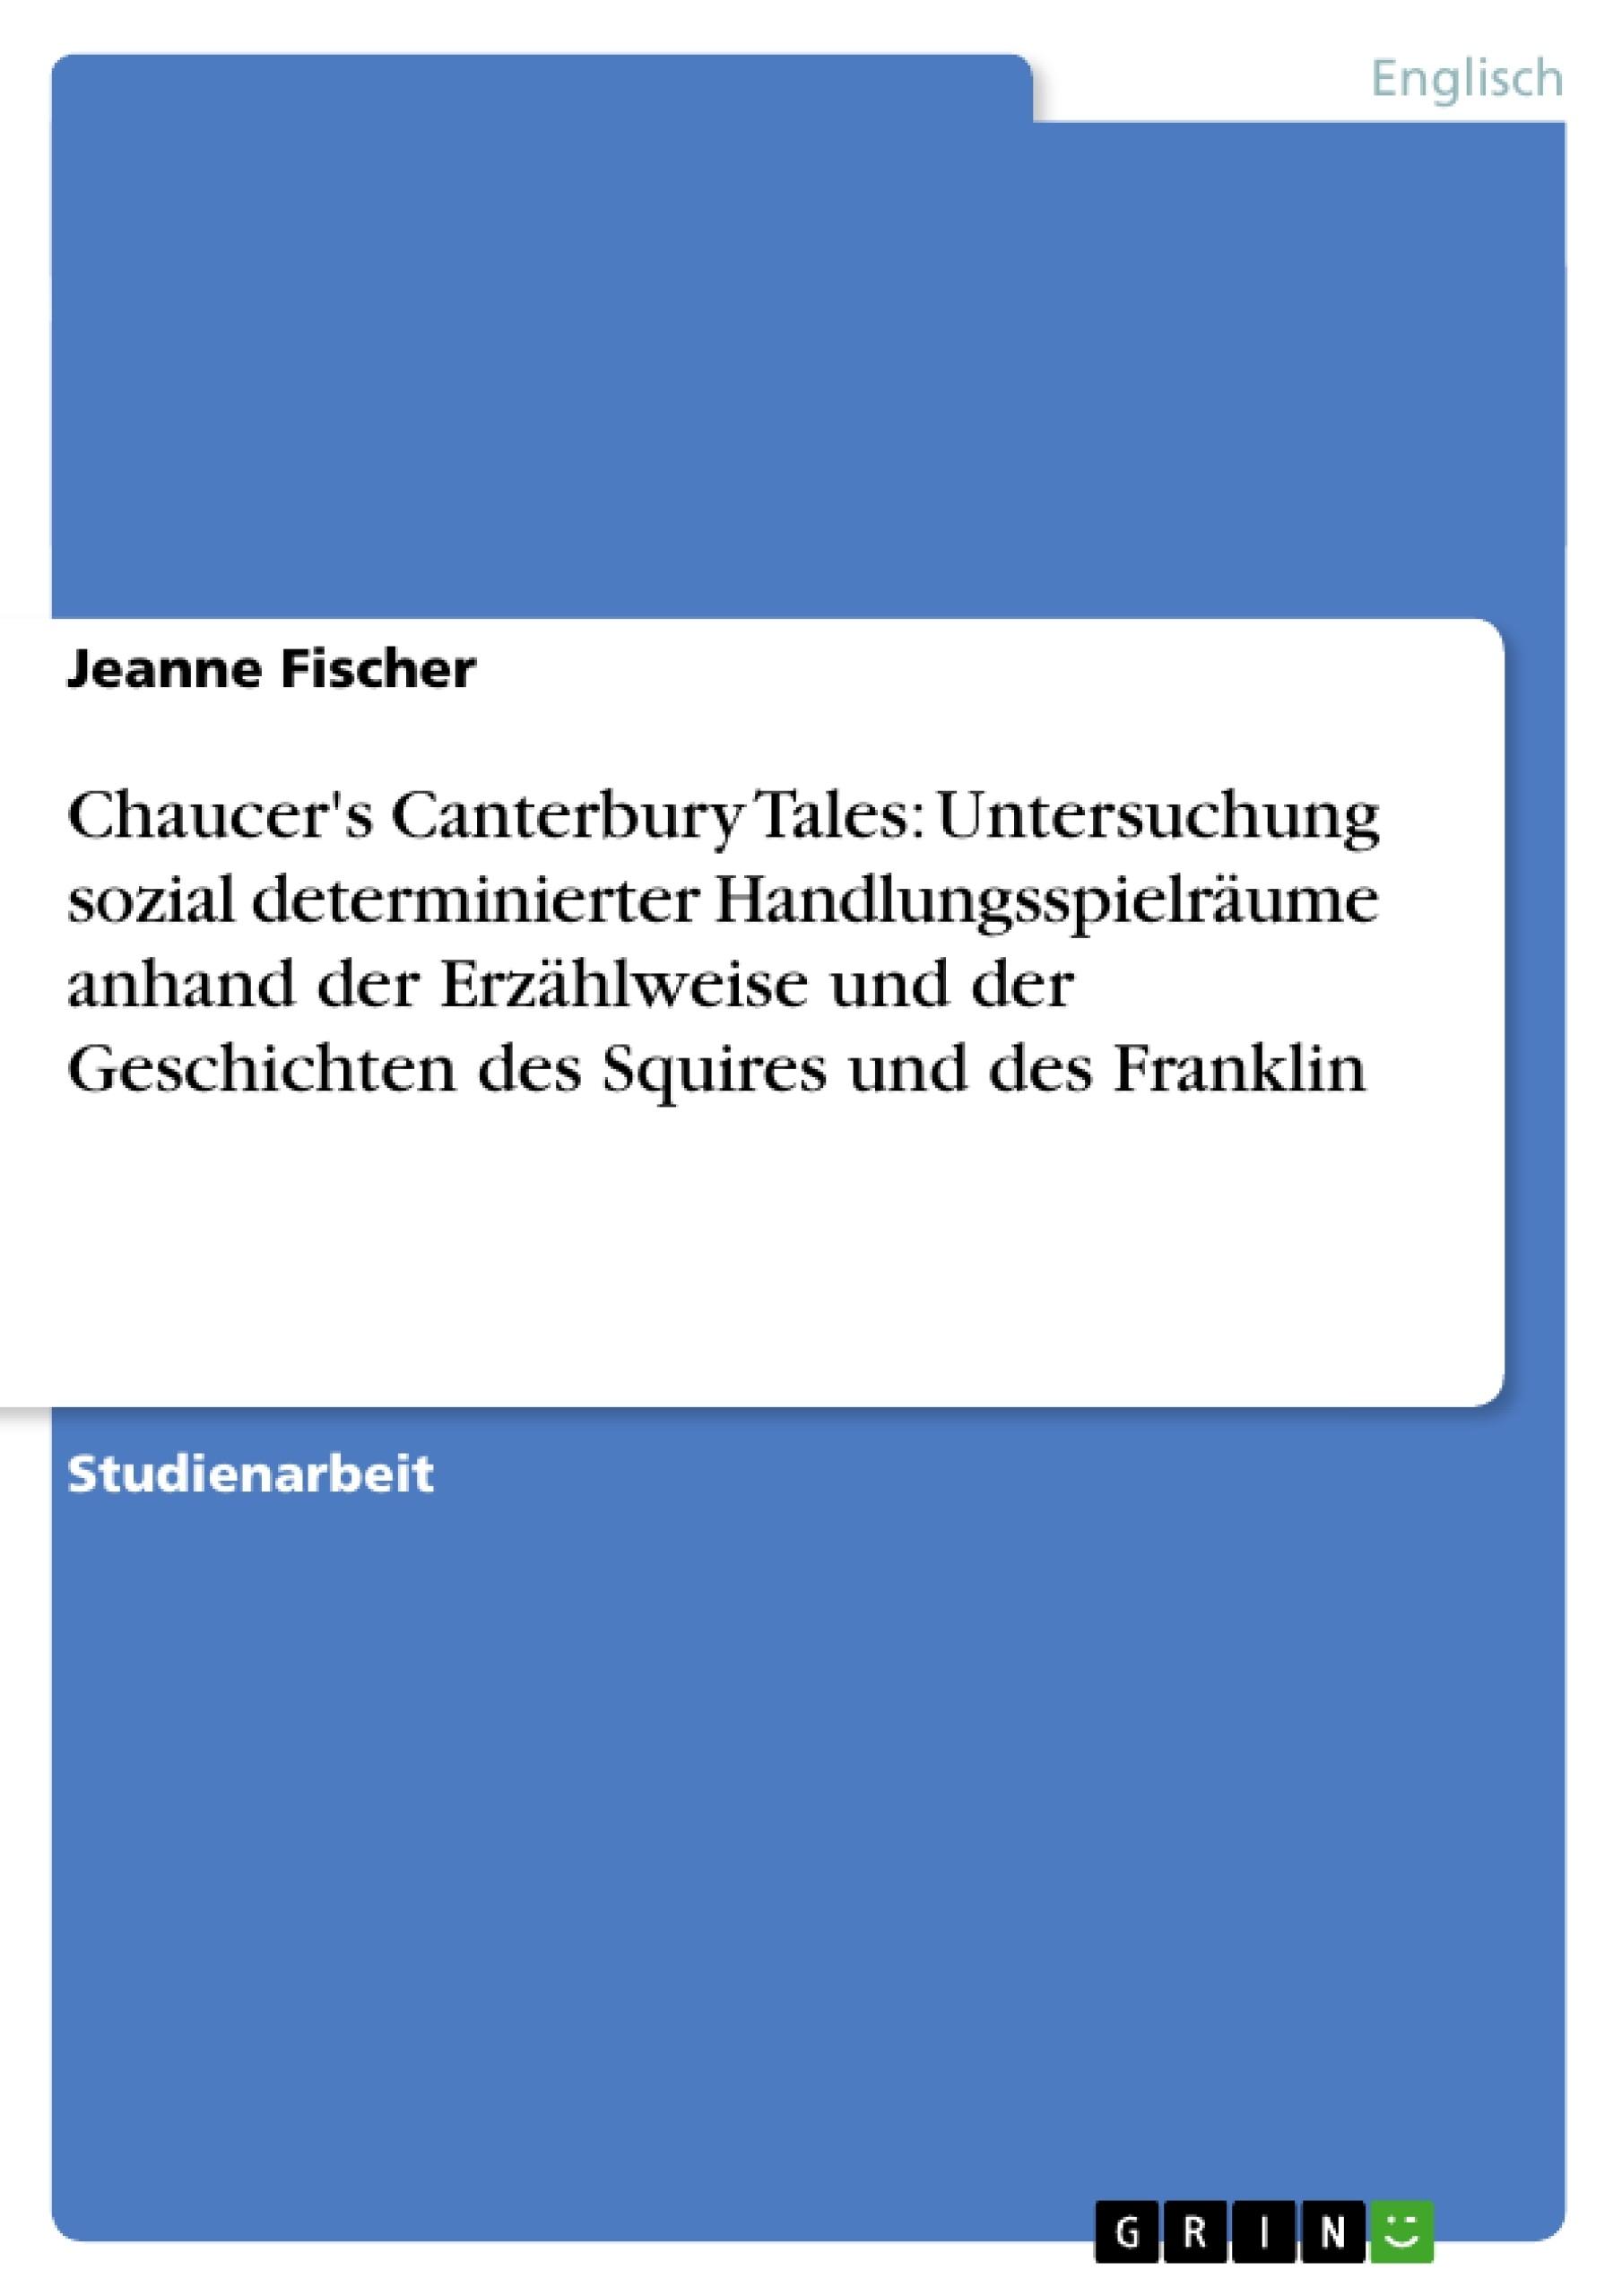 Titel: Chaucer's Canterbury Tales: Untersuchung sozial determinierter Handlungsspielräume anhand der Erzählweise und der Geschichten des Squires und des Franklin